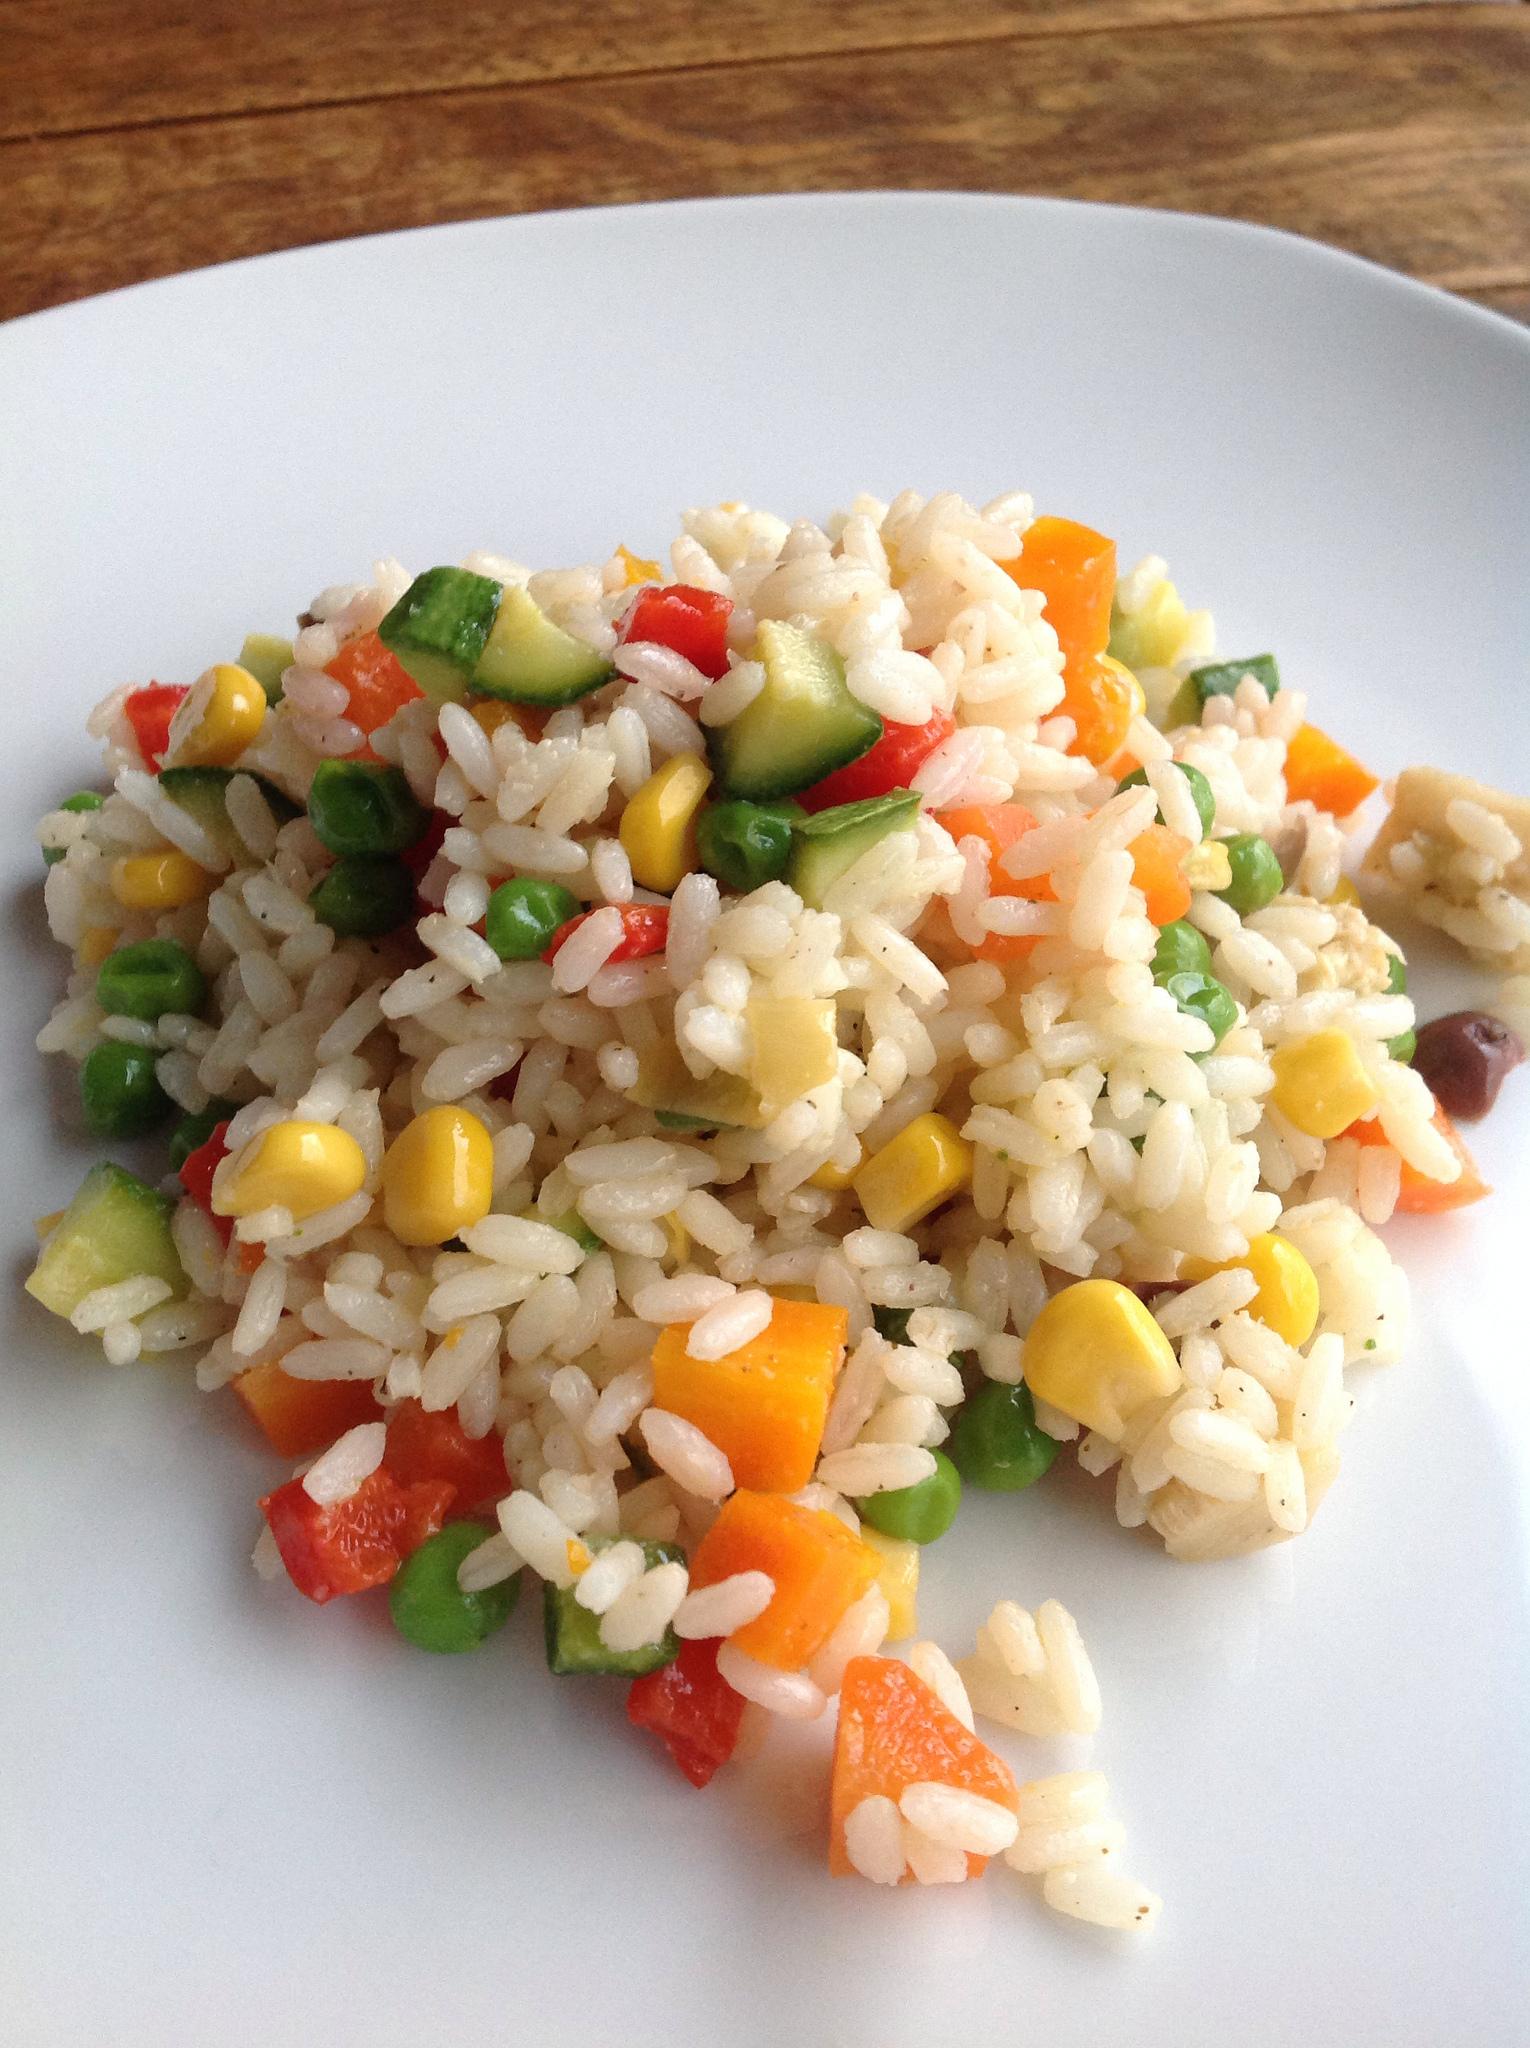 Insalata di riso, le 12 ricette più semplici, veloci e leggere